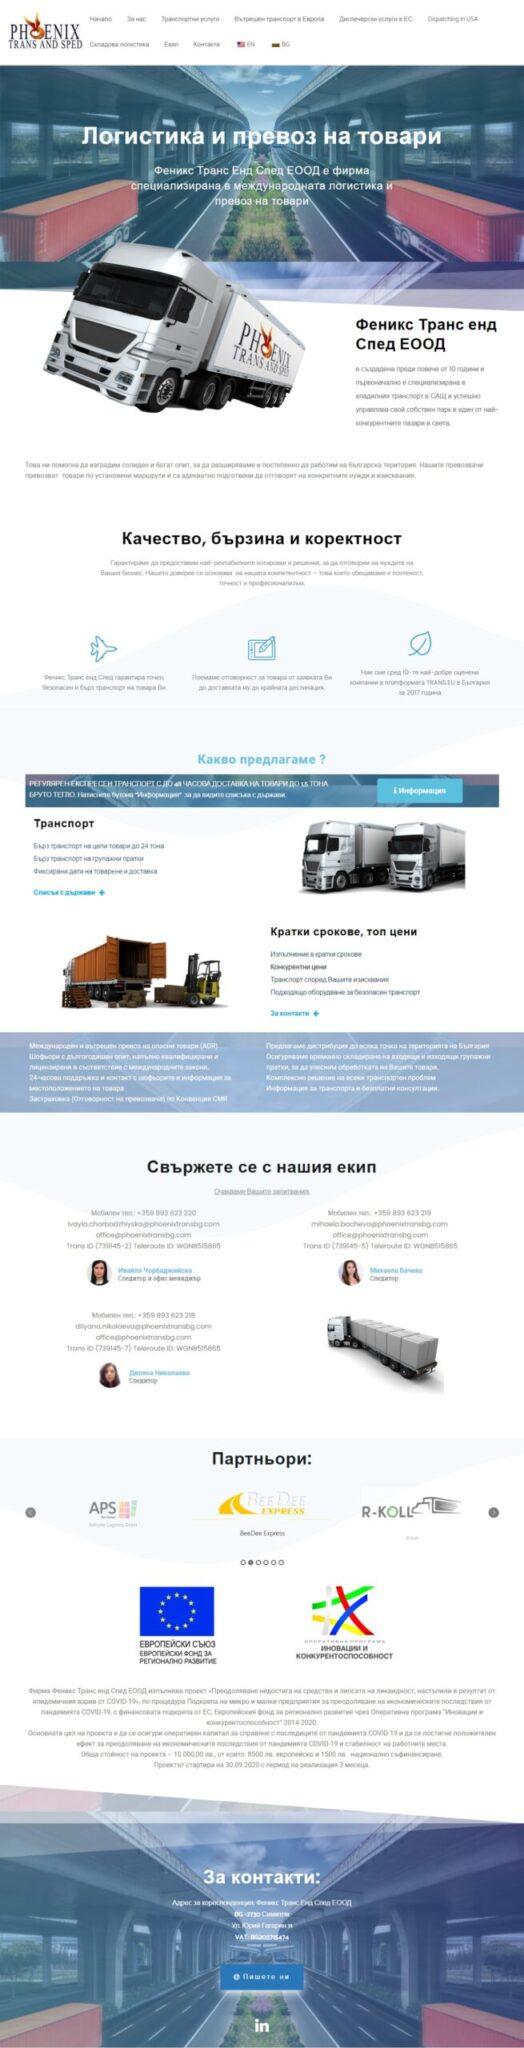 Логистика и превоз на товари - phoenixtransbg.com изграждане на сайт - Wordpress СЕО.БГ Wordpress СЕО оптимизация, реклама, изграждане на сайтове, маркетинг, изработка на сайтове, уеб дизайн, SEO, онлайн магазини и други